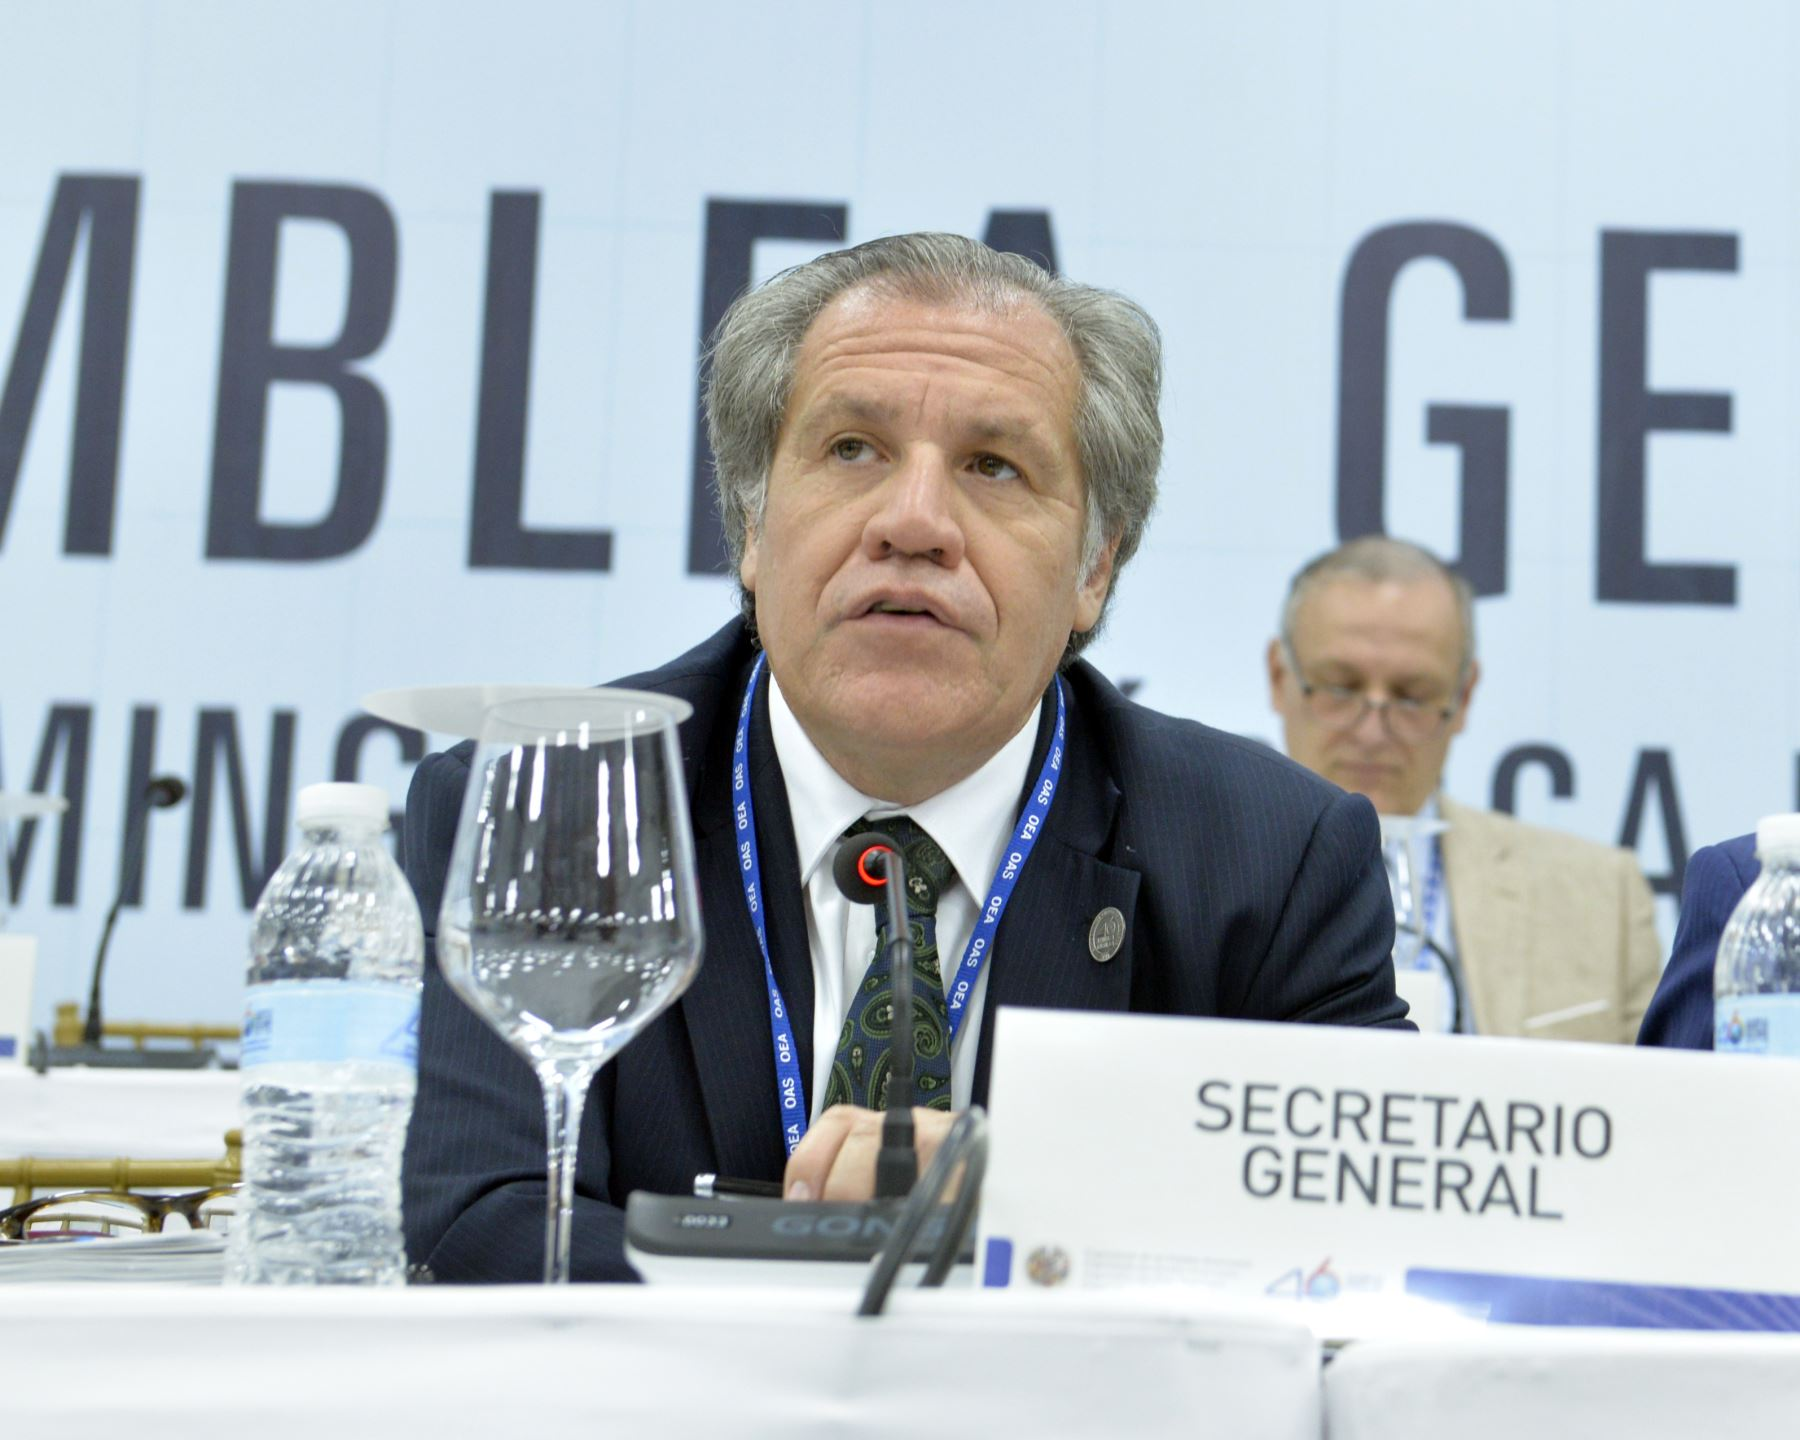 Secretario General de la OEA, Luis Almagro. Difusión